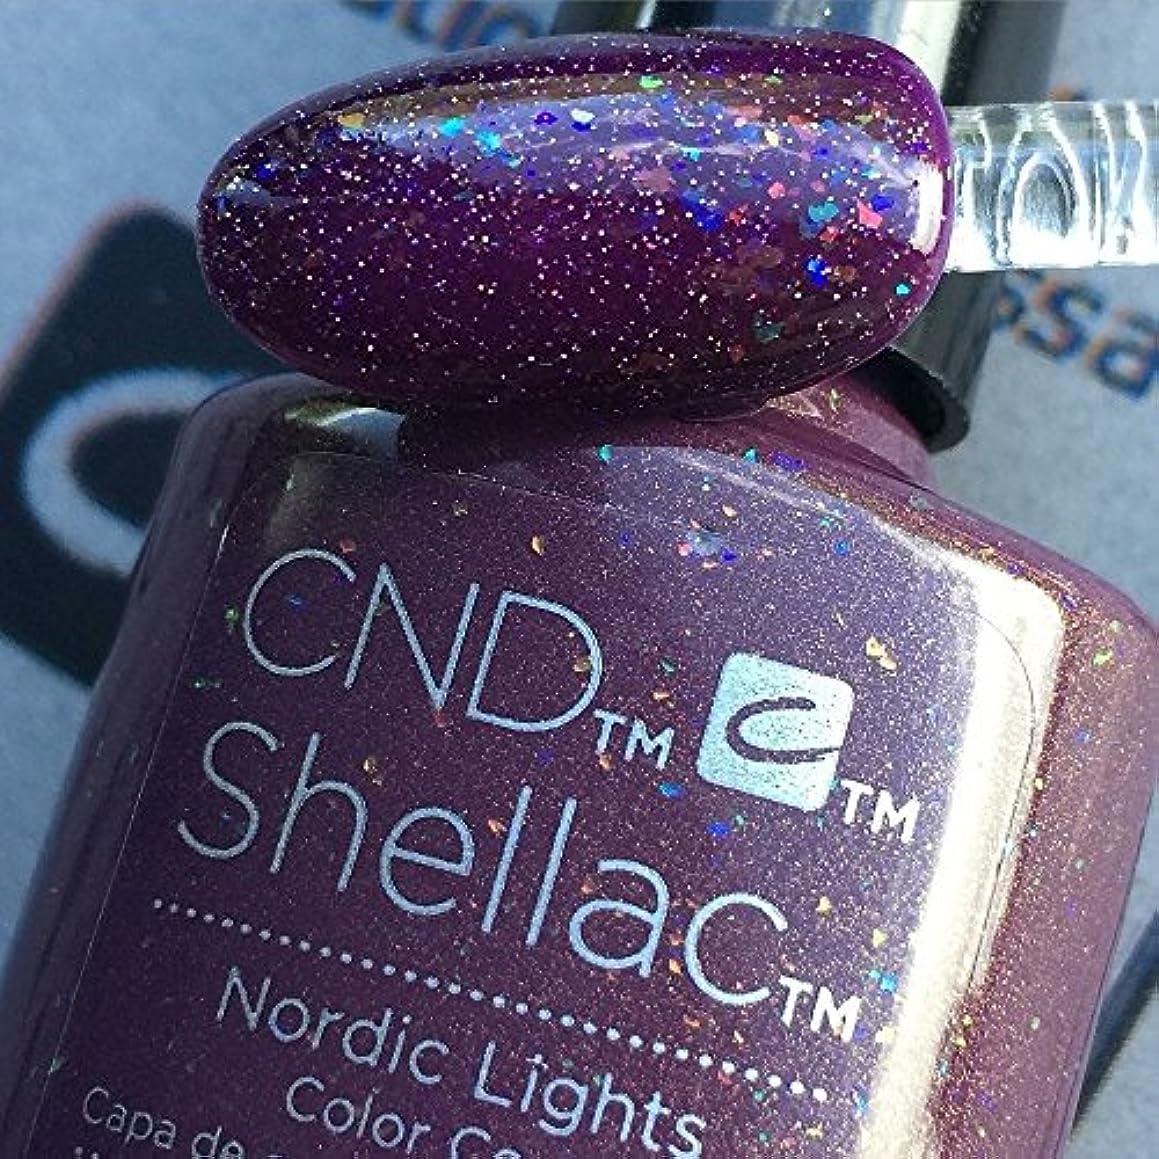 弾丸夫婦しおれたCND シェラック UV カラーコート 211 ノルディックライト Nordic Lights 7.3ml